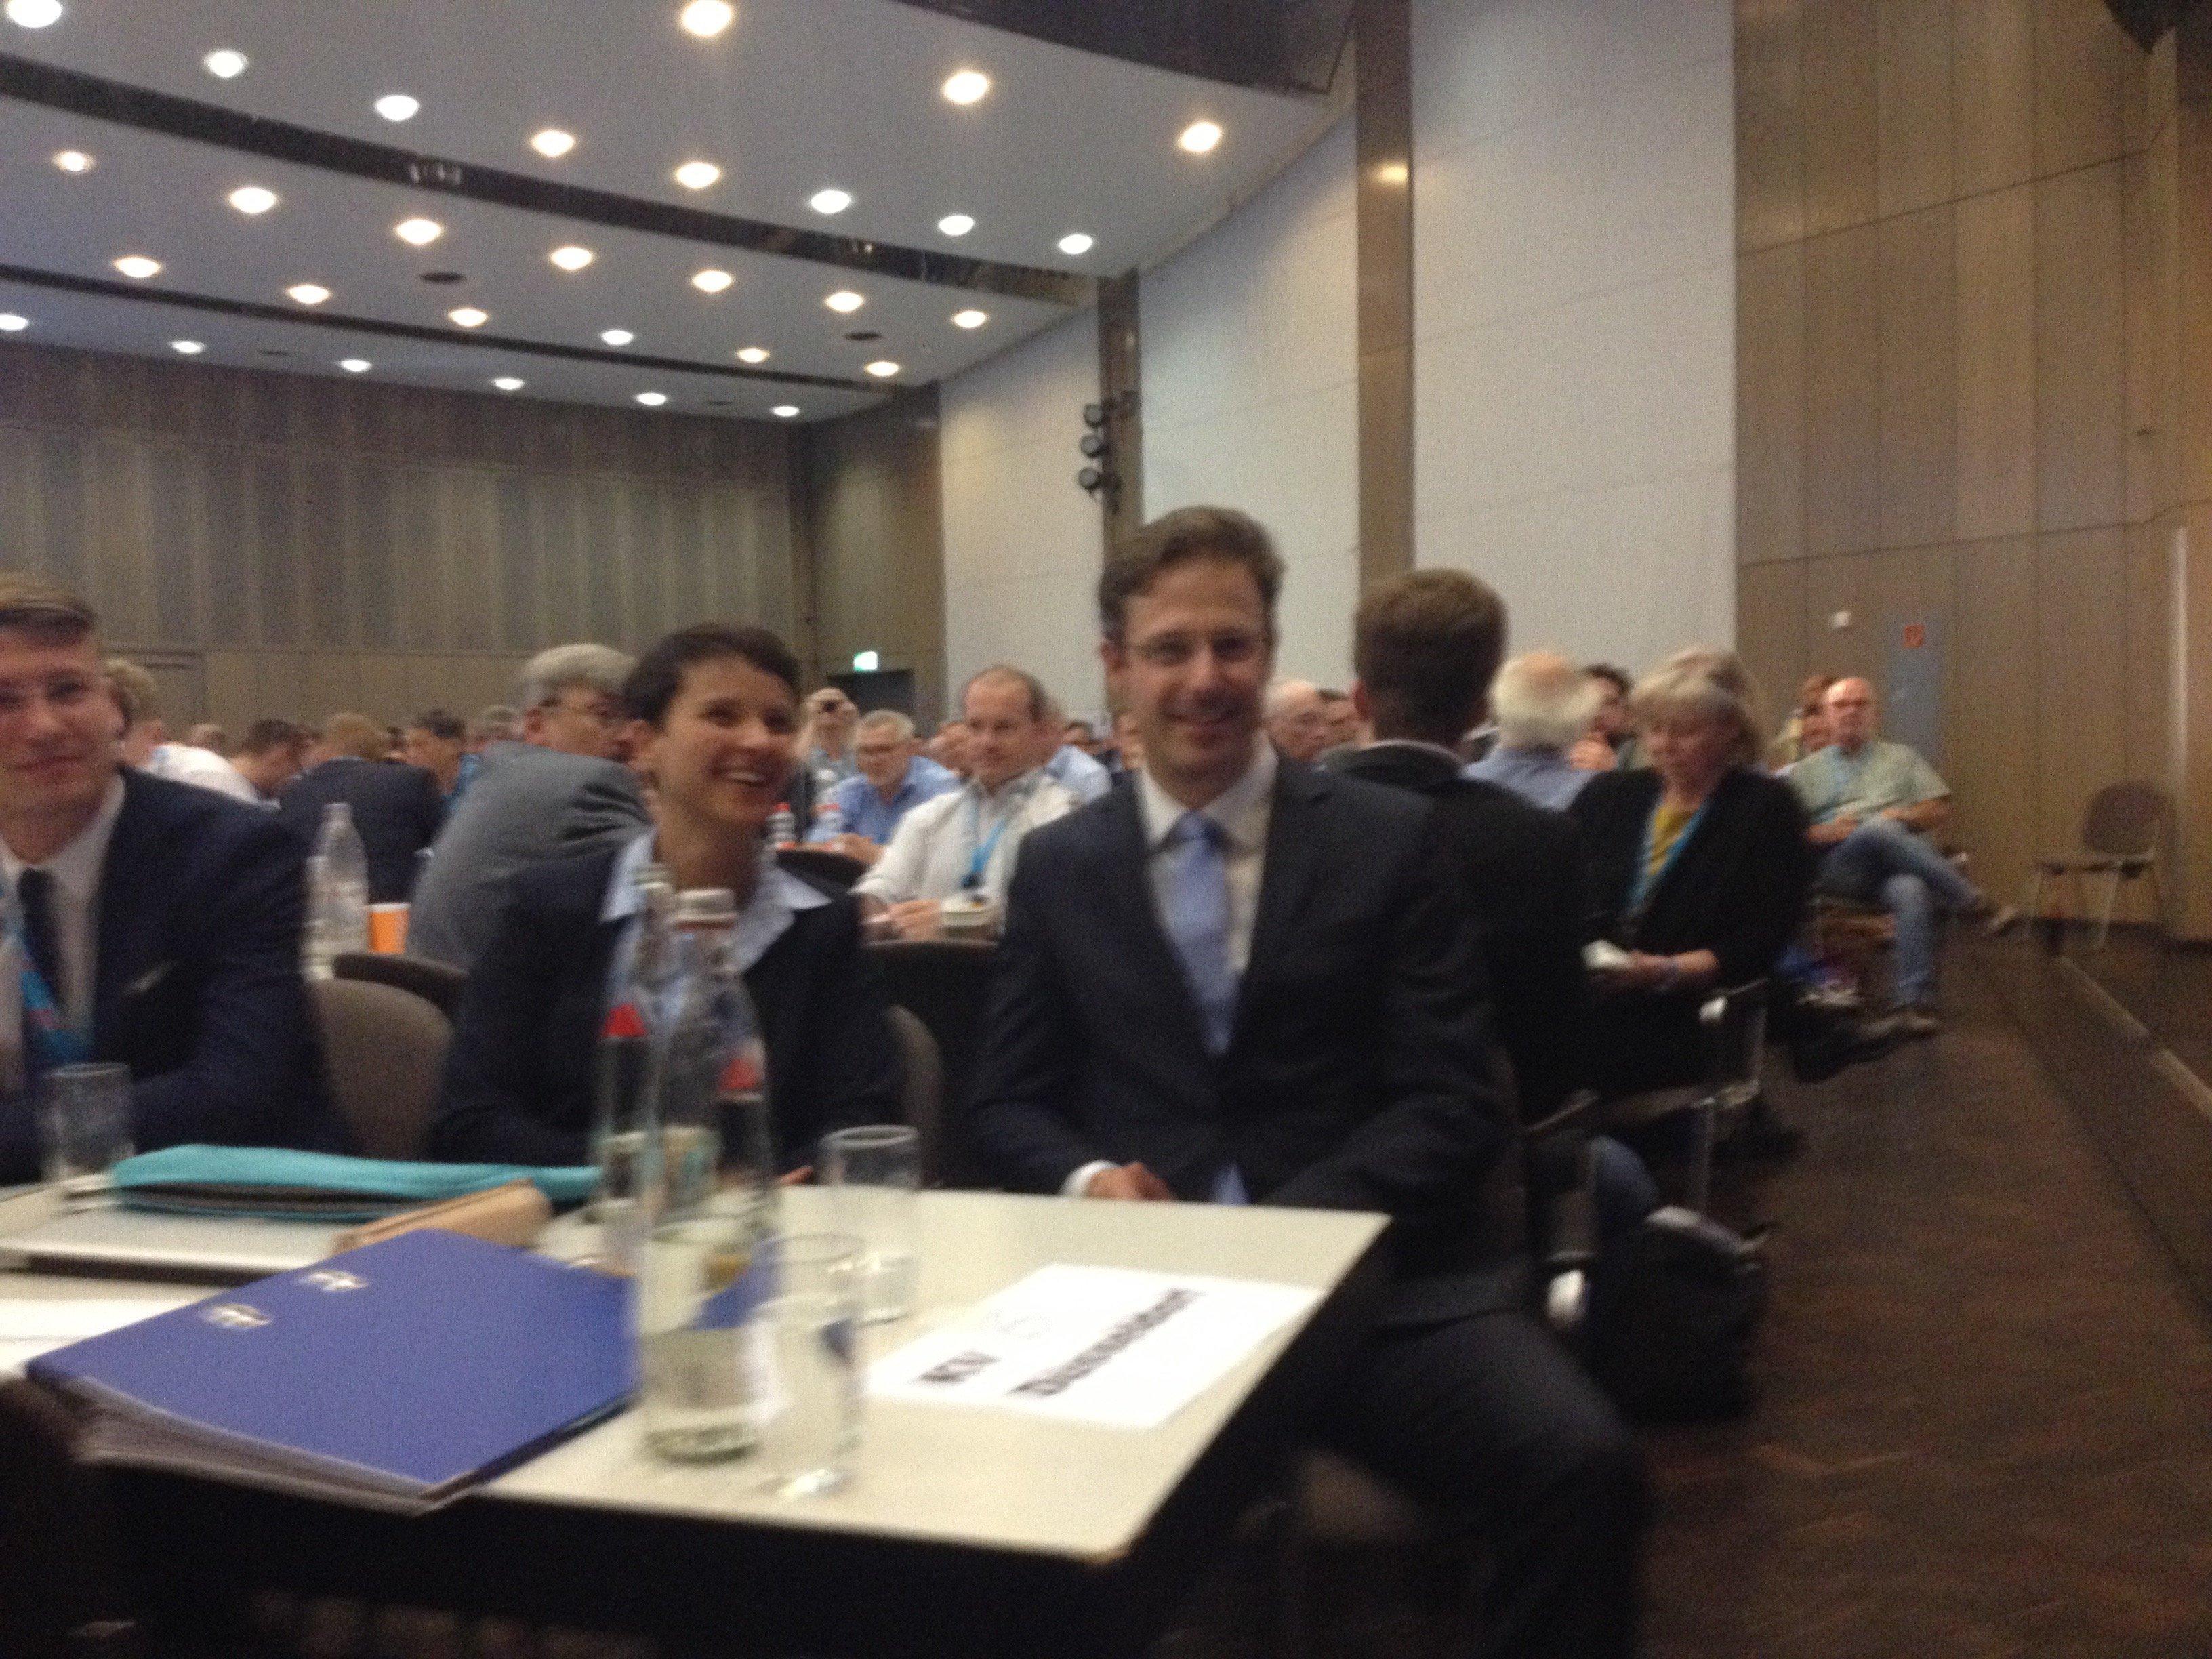 Frauke Petry und Marcus Pretzell in Soest